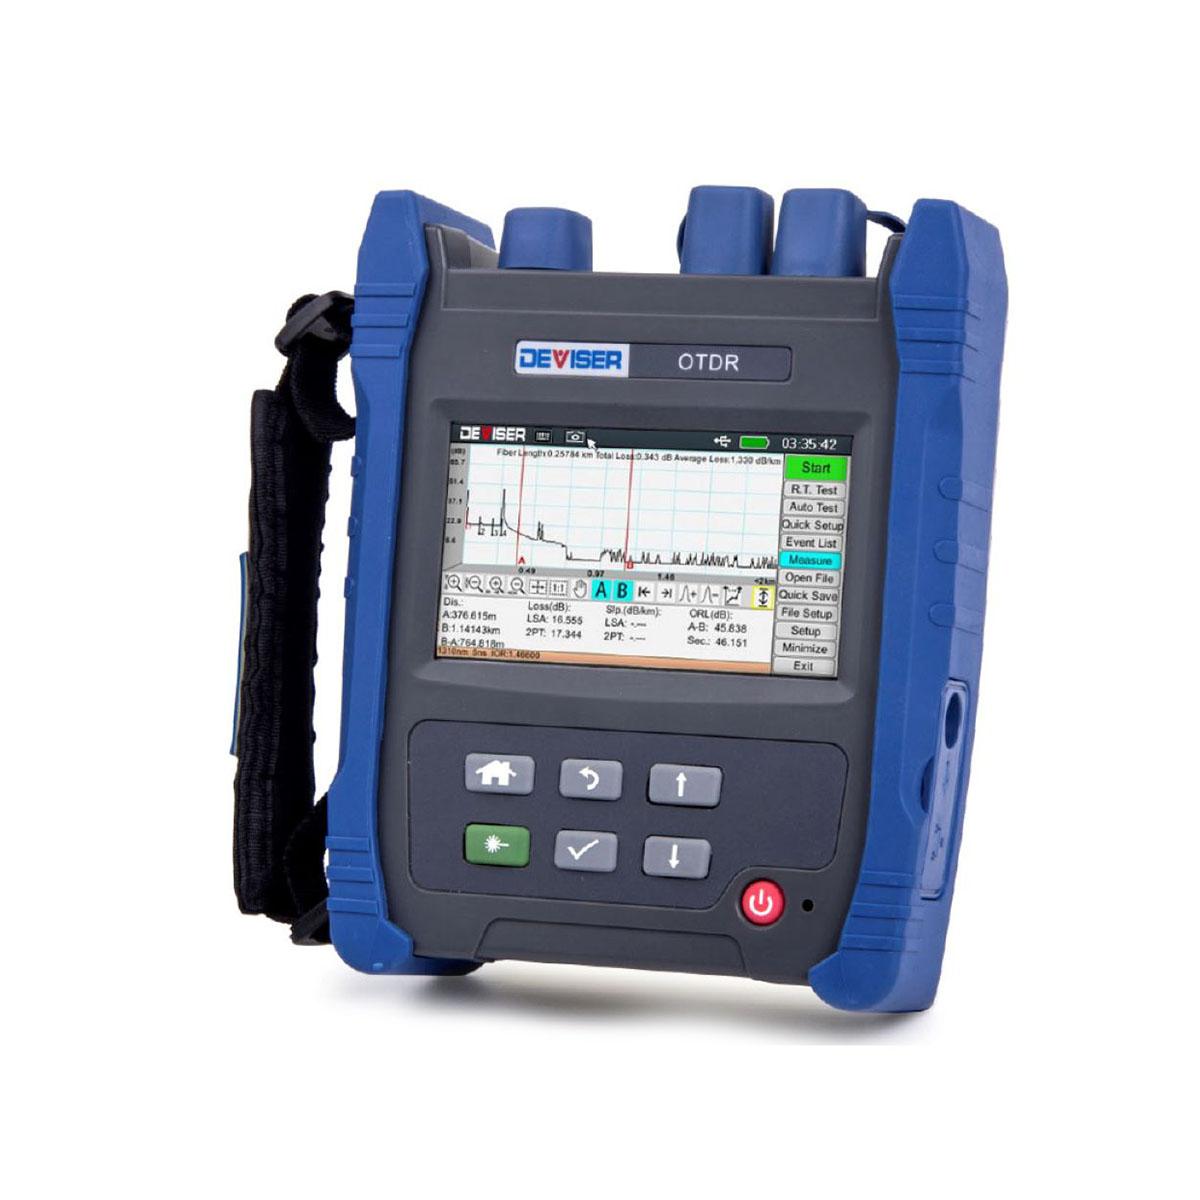 OTDR FTTx RFoG DEVISER AE1001 Localizador de Fallas OTDR-AE1001